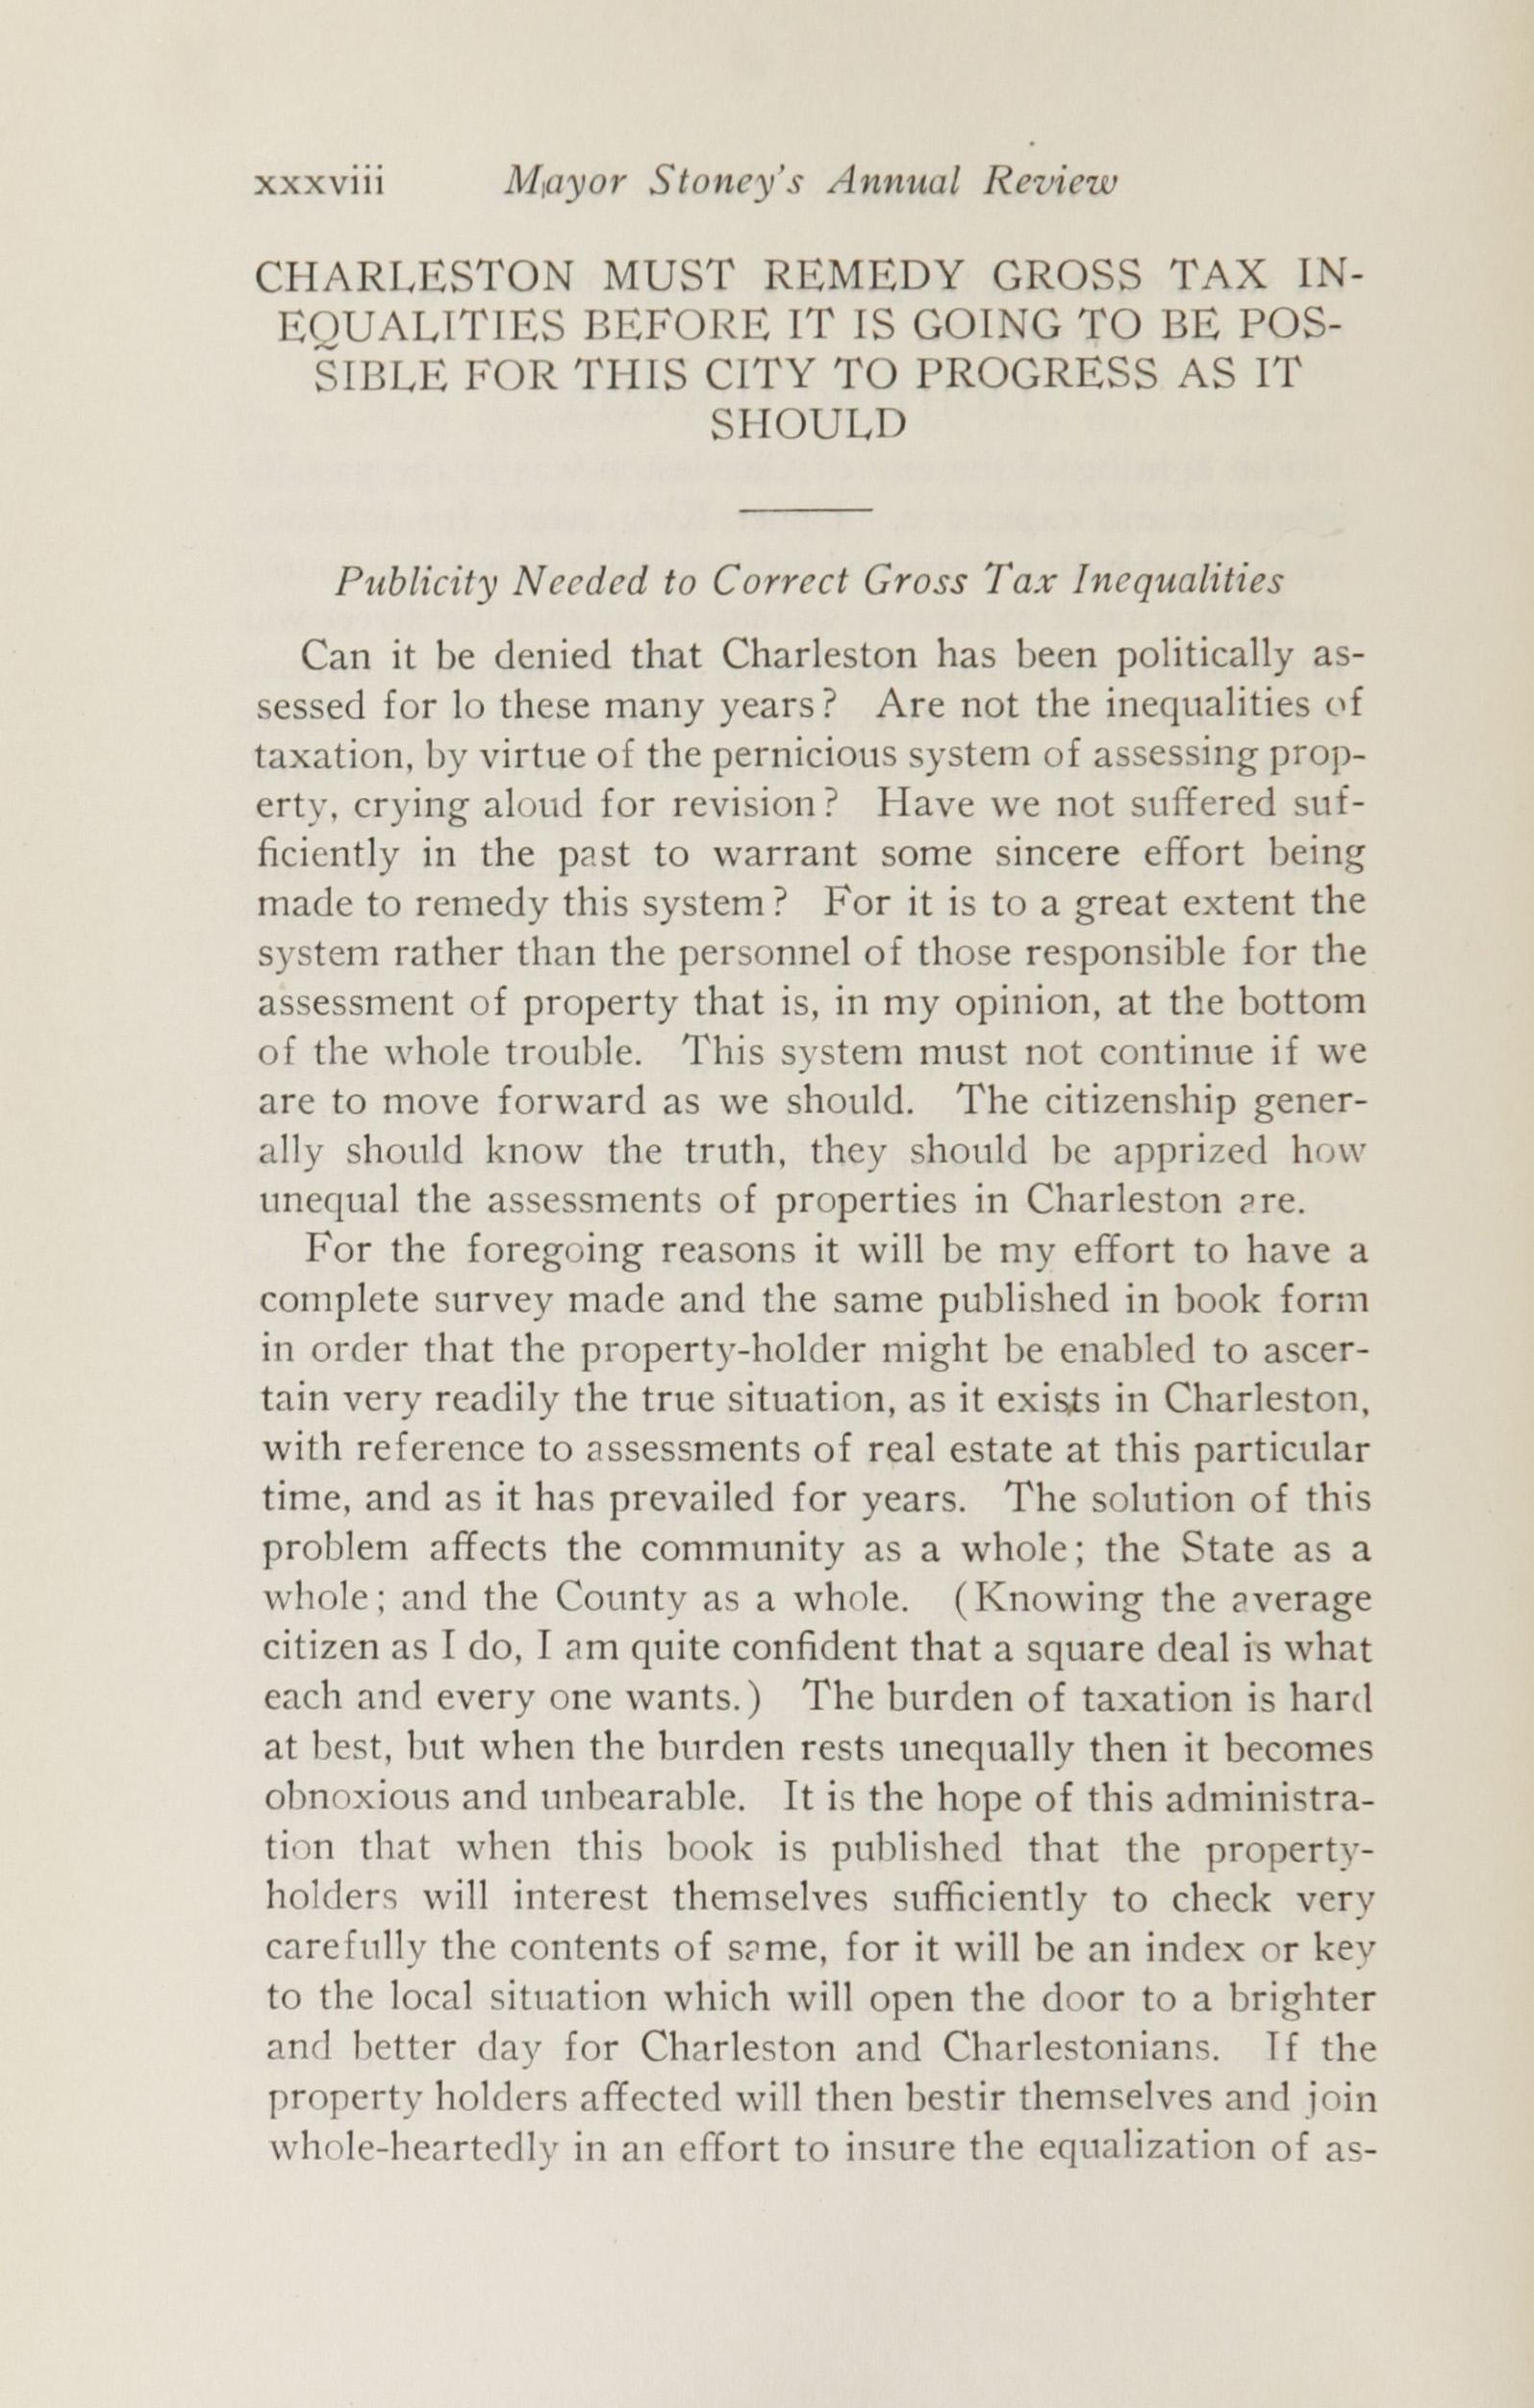 Charleston Yearbook, 1924, page xxxviii